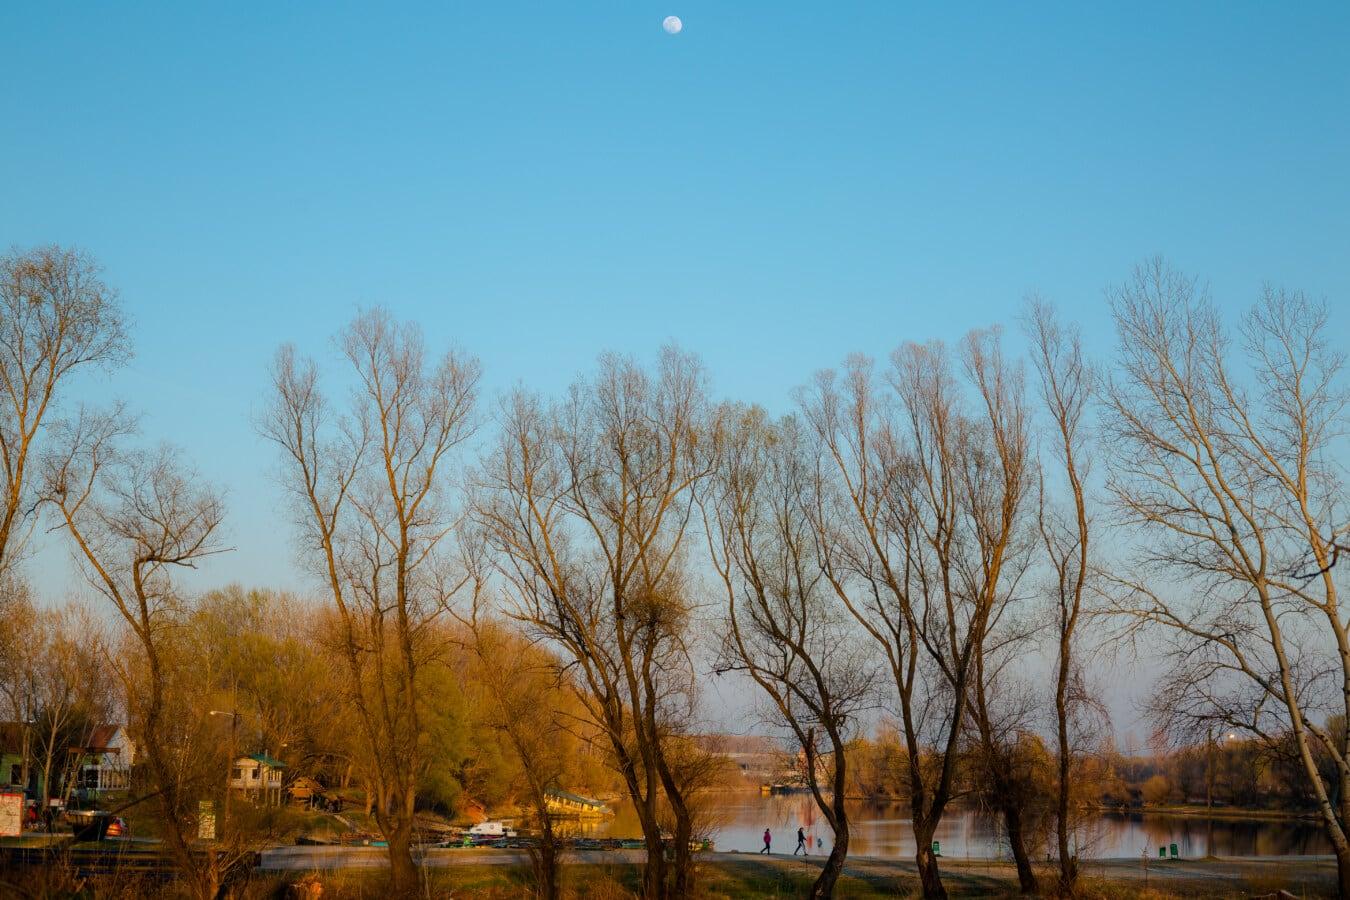 zone de villégiature, au bord du lac, Lac, paysage, atmosphère, forêt, arbres, arbre, nature, feuille